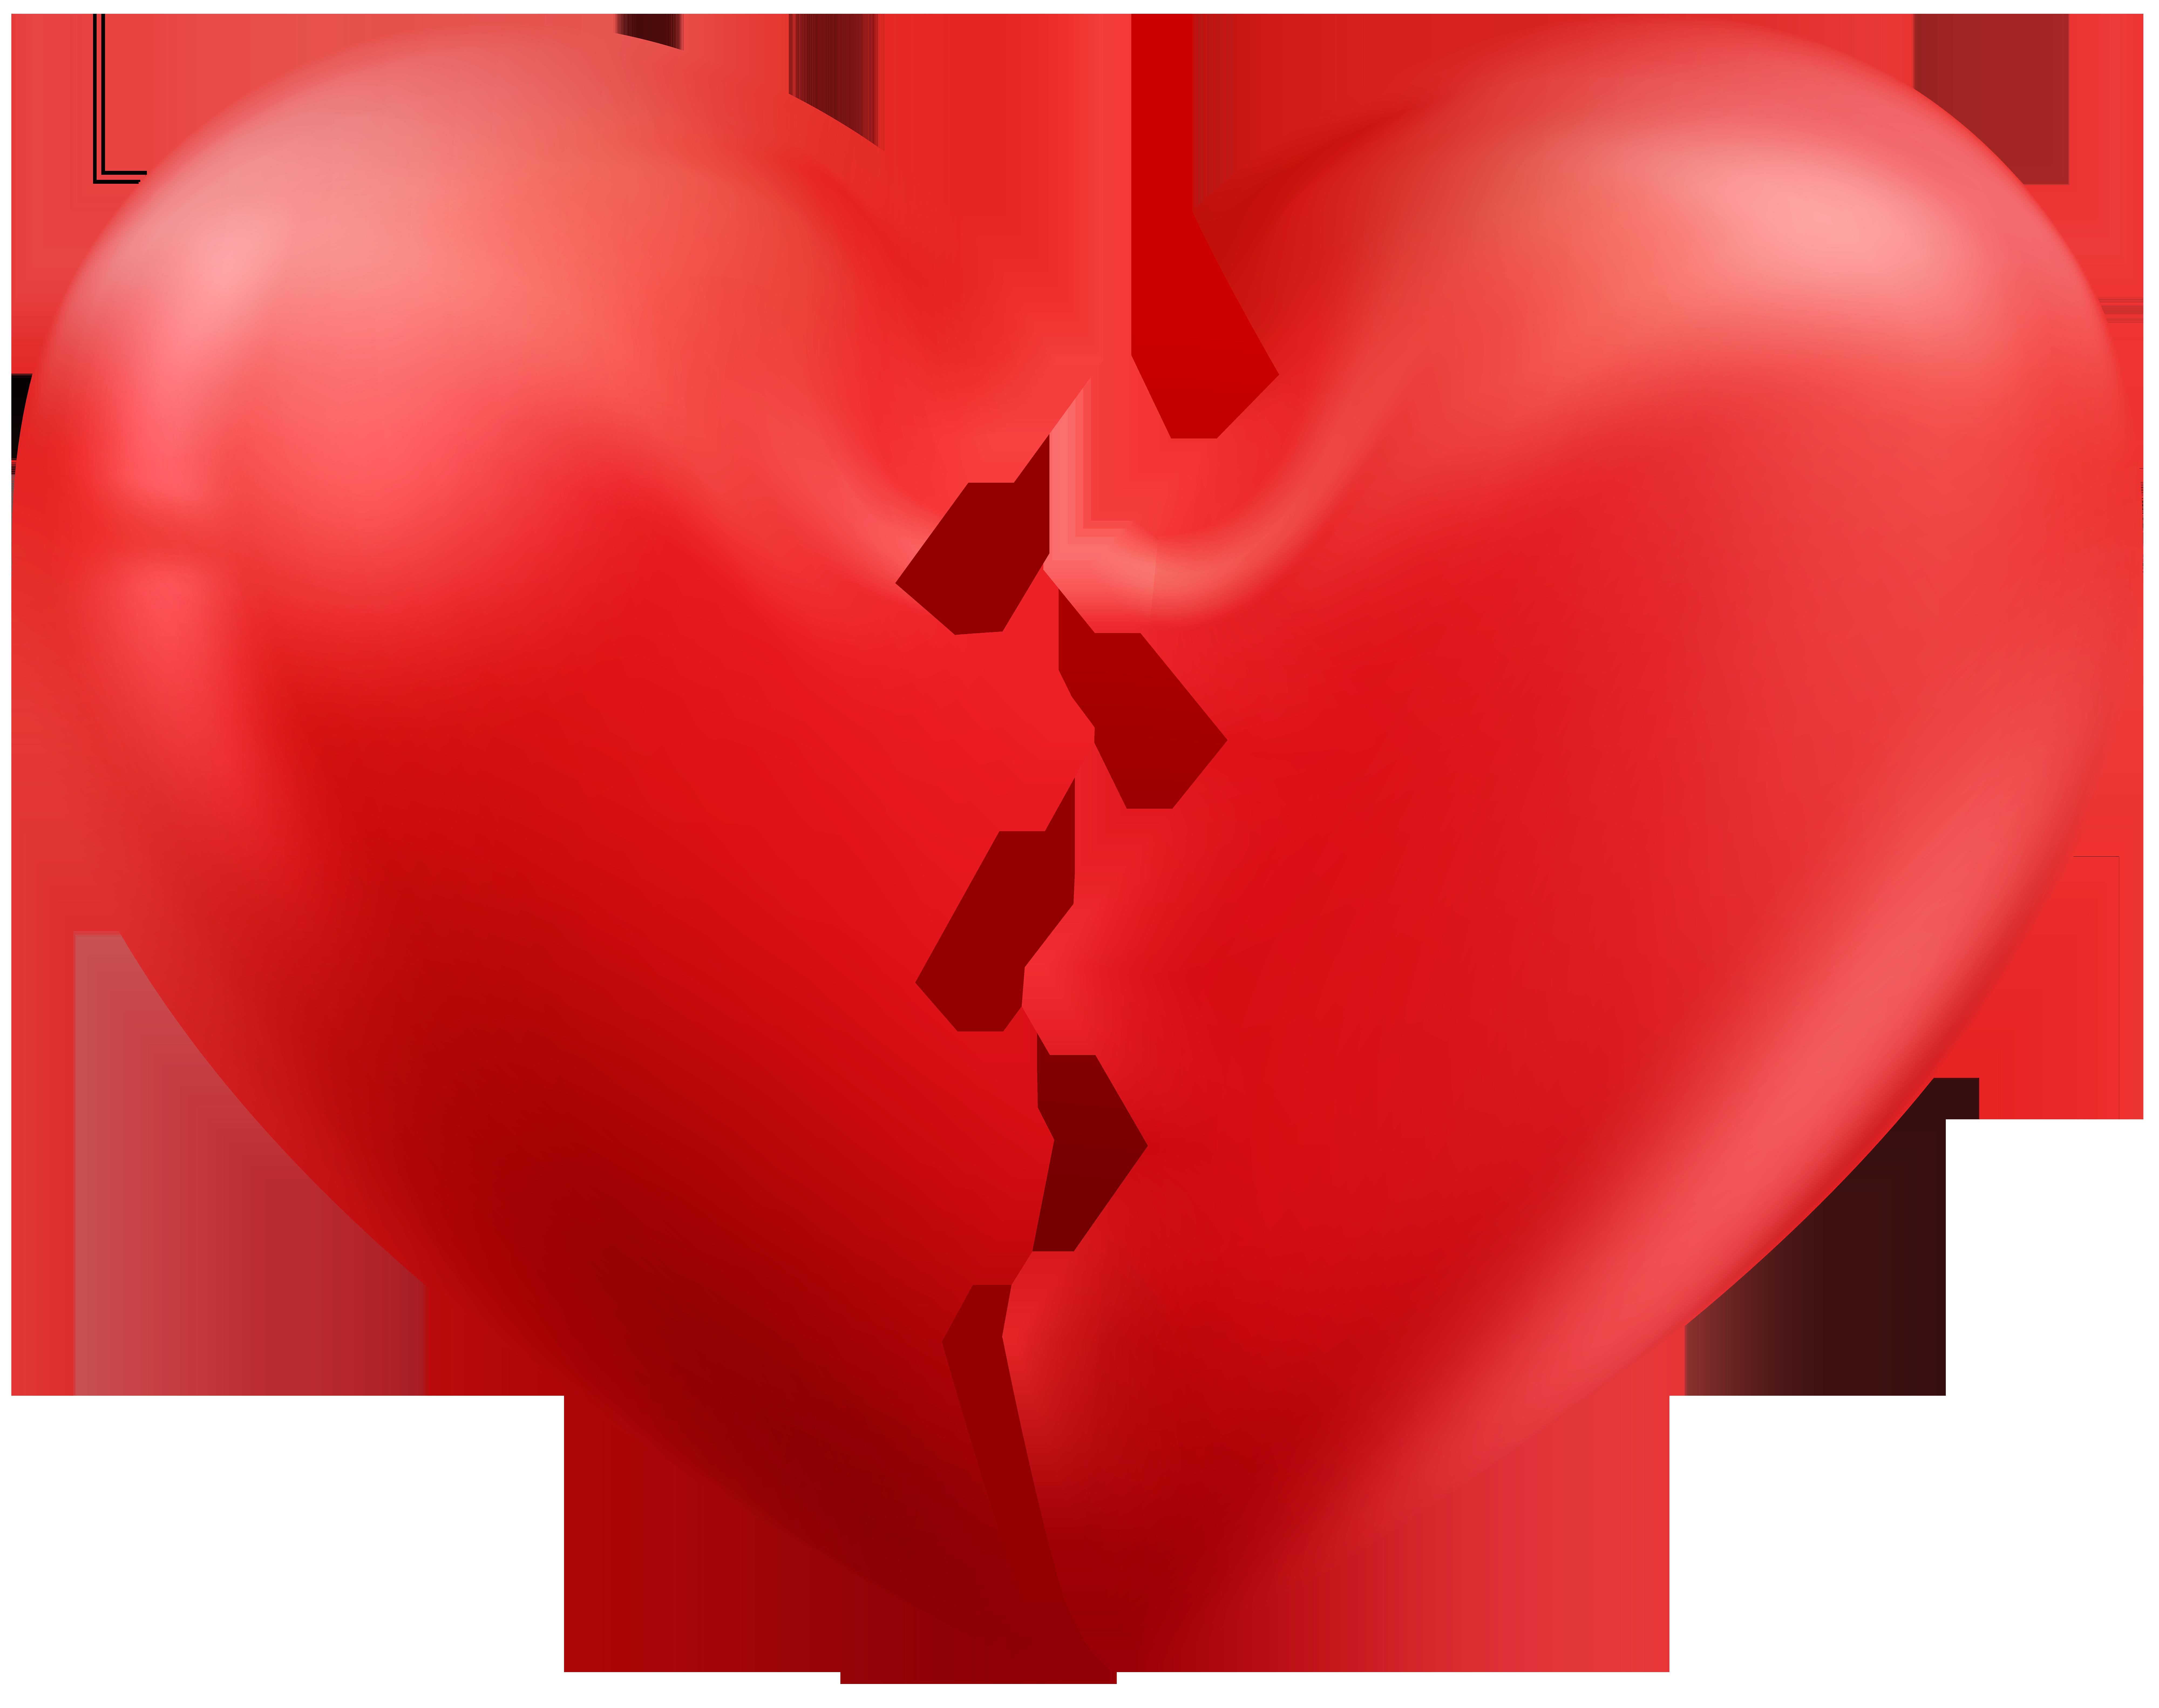 8000x6328 Broken Heart clipart transparent background